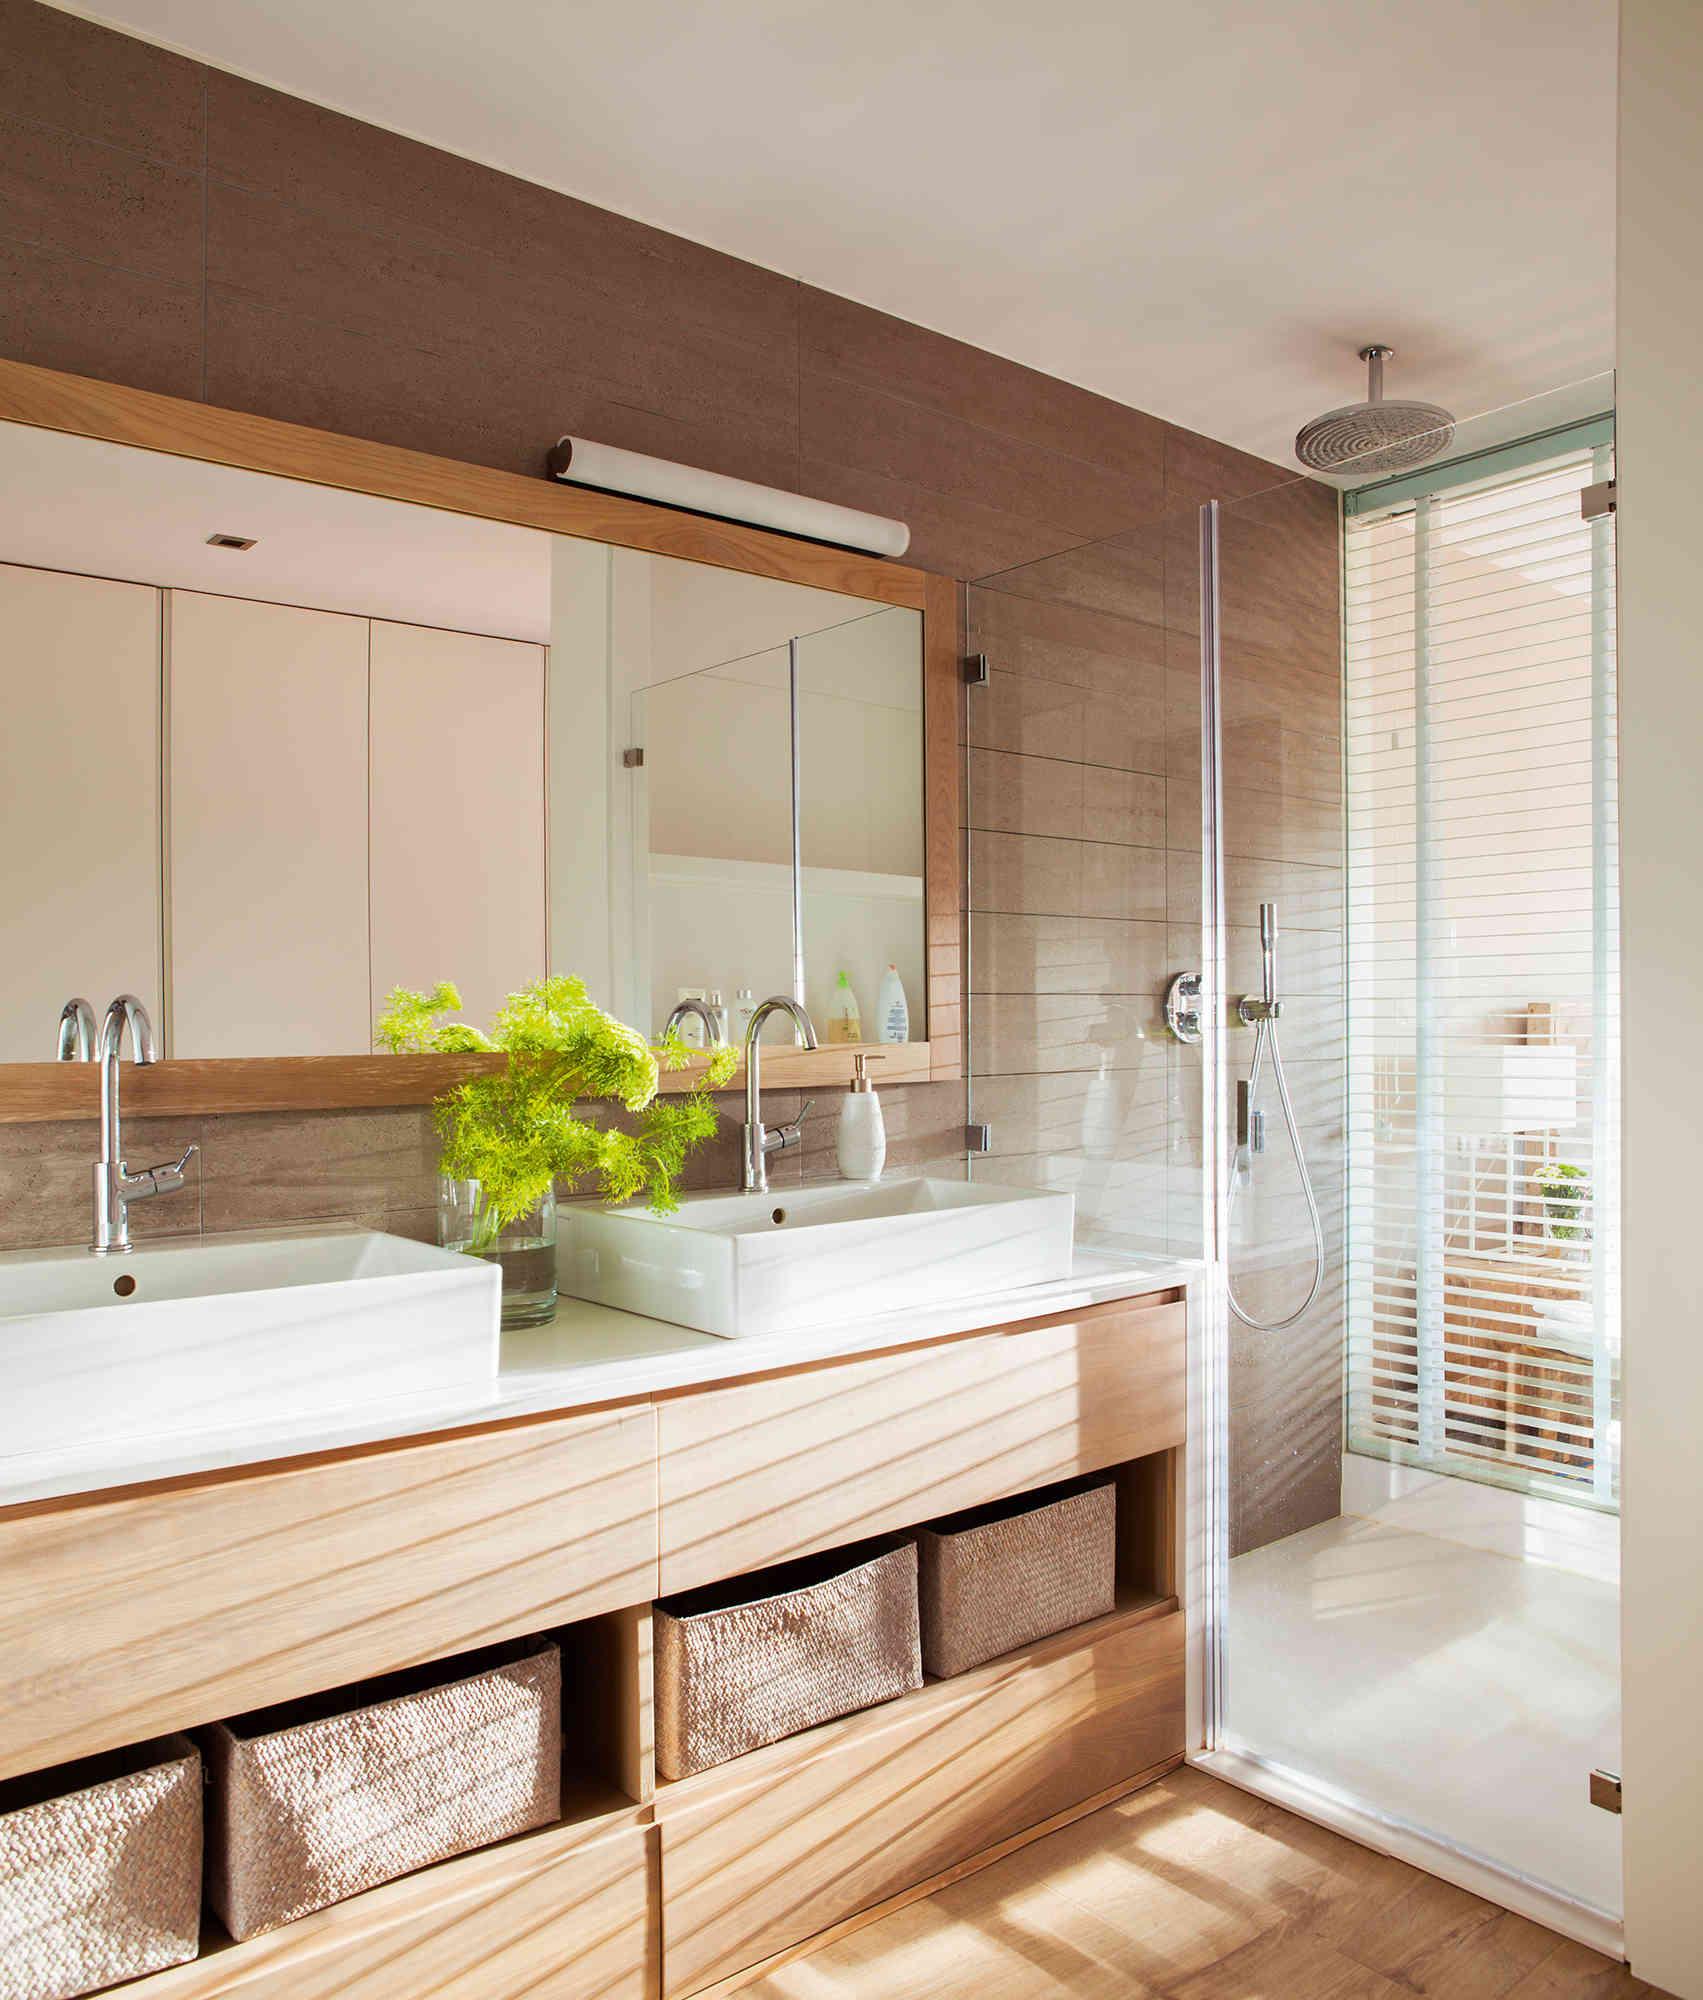 2 bano moderno con ducha que comunica con el dormitorio fontaneros madrid reparaciones urgentes madrid